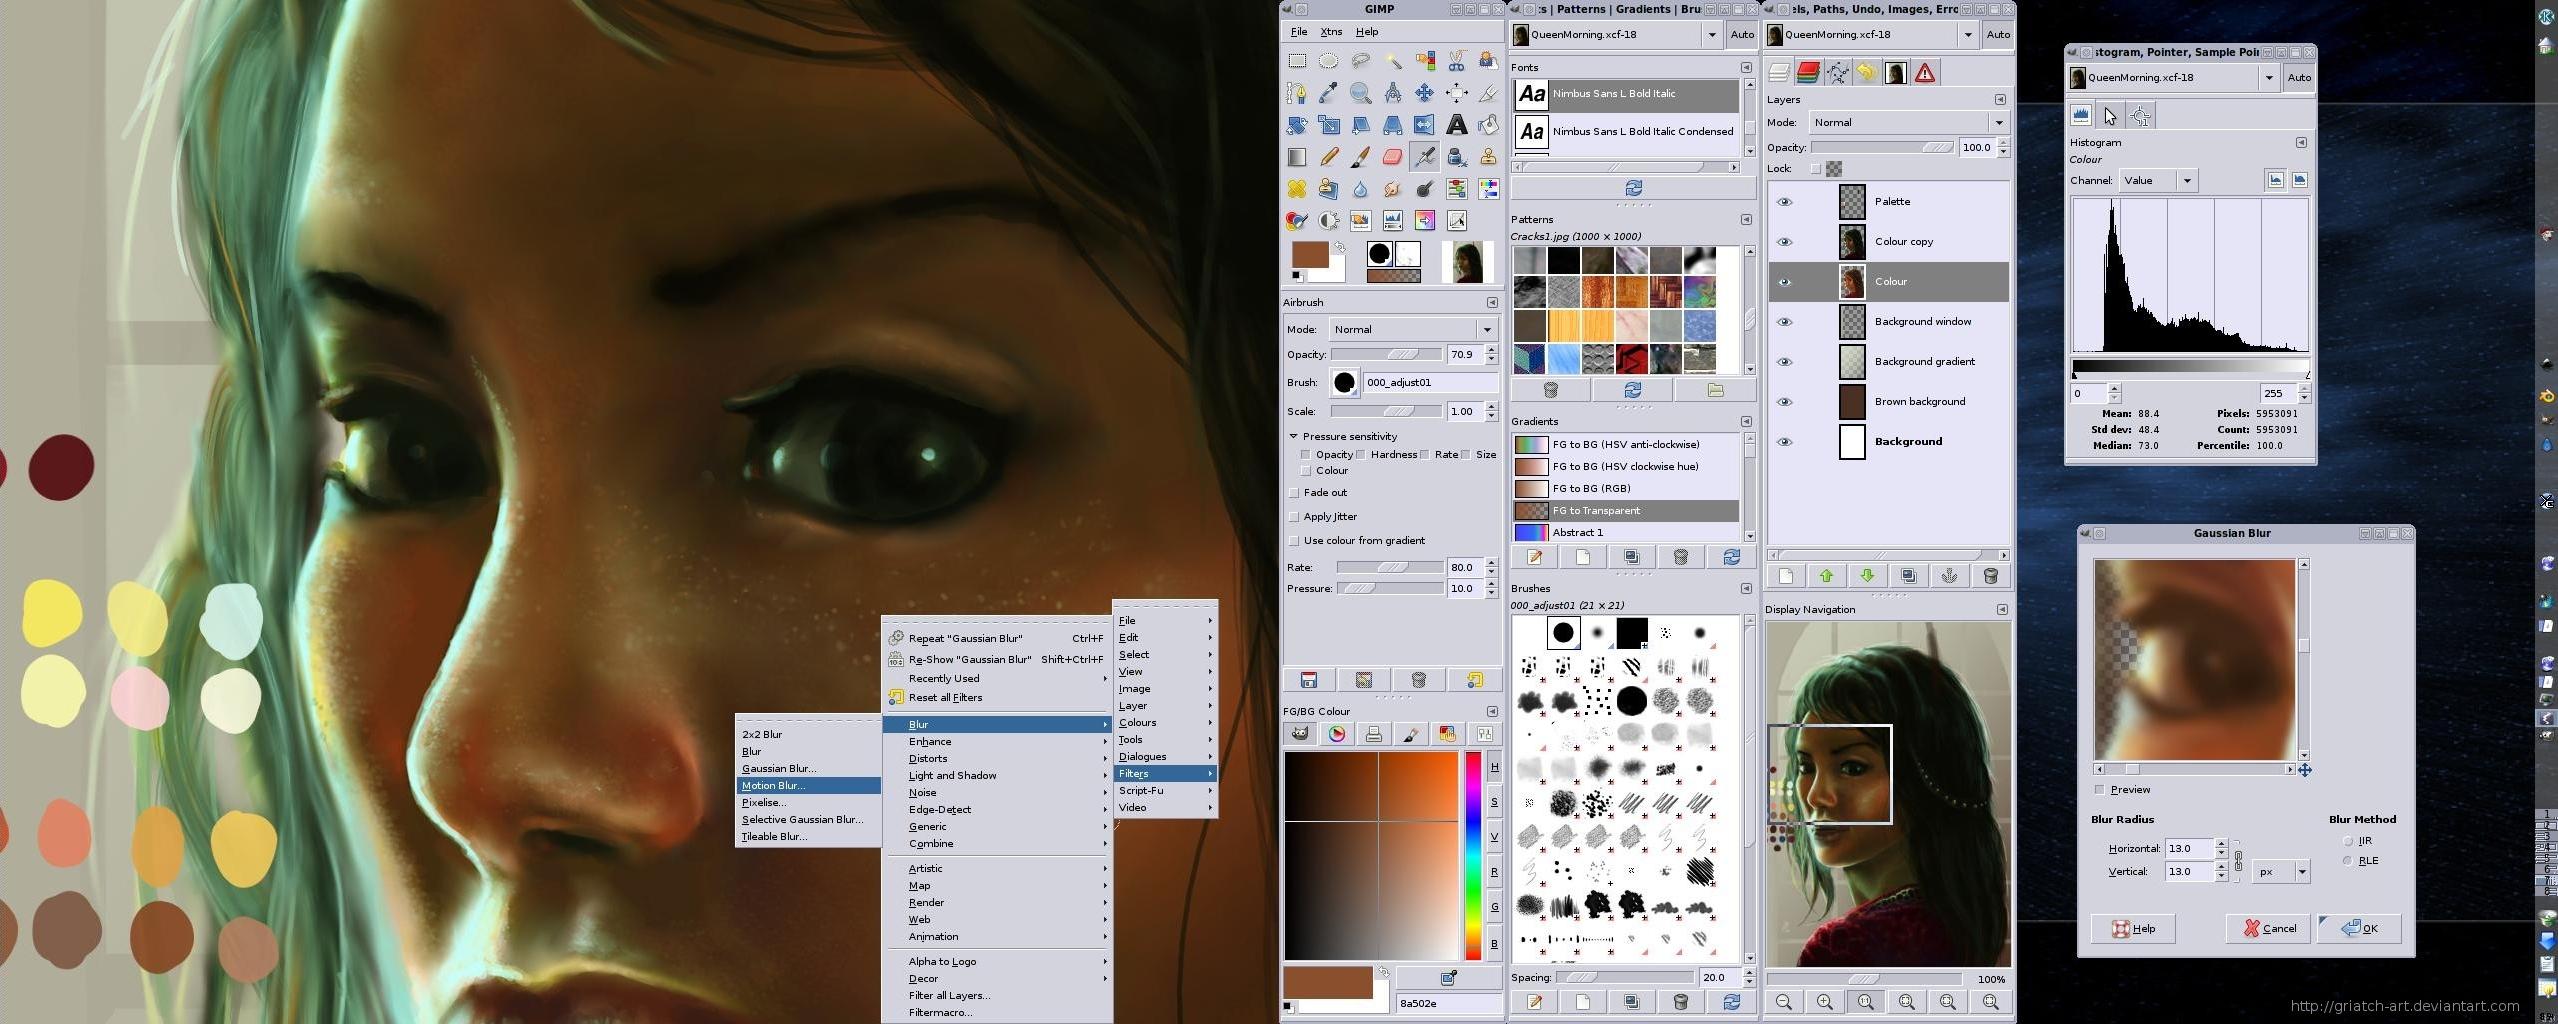 linux_dualscreen_griatch_art